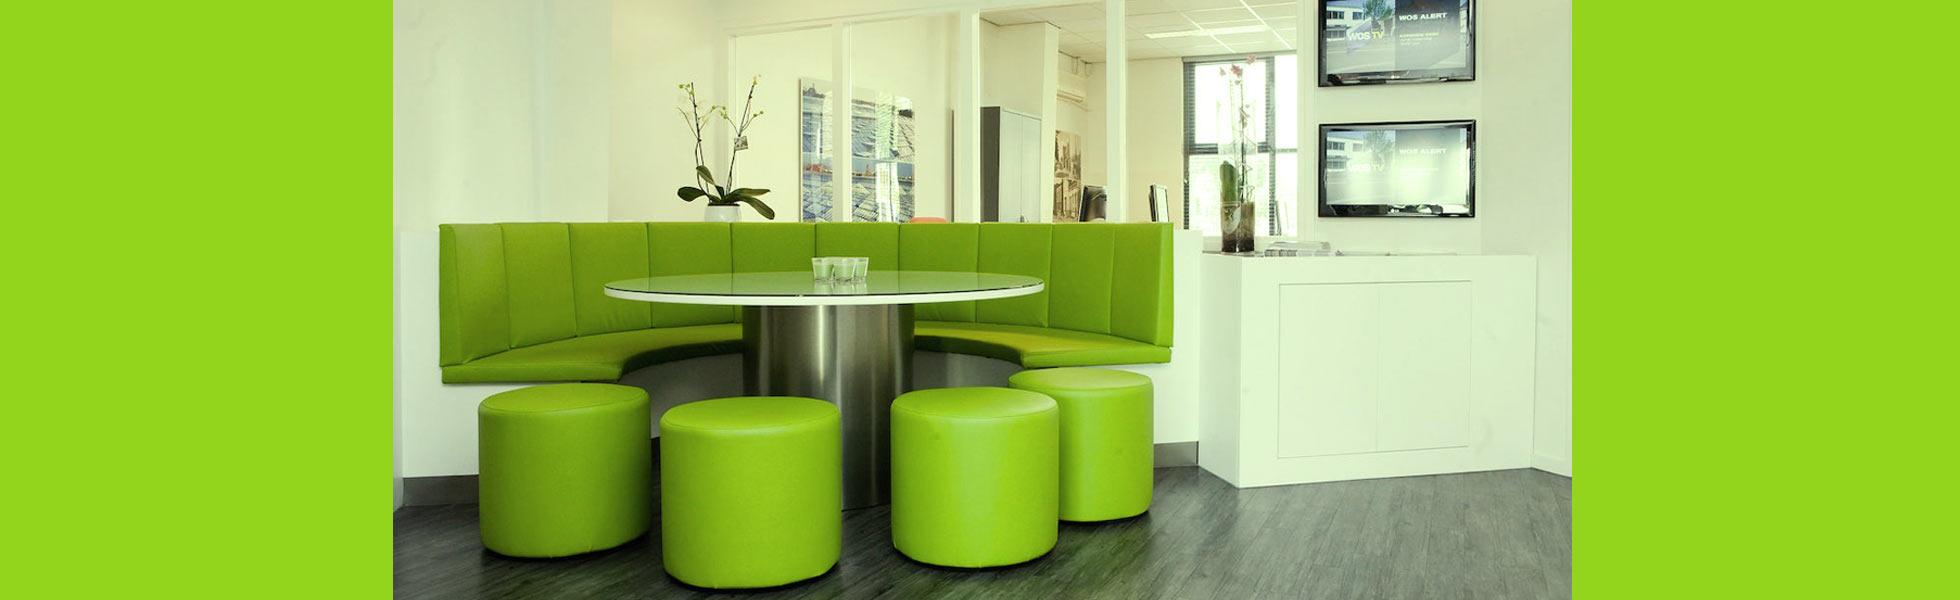 SLIDER_Interieur-kantine-interieurbouw